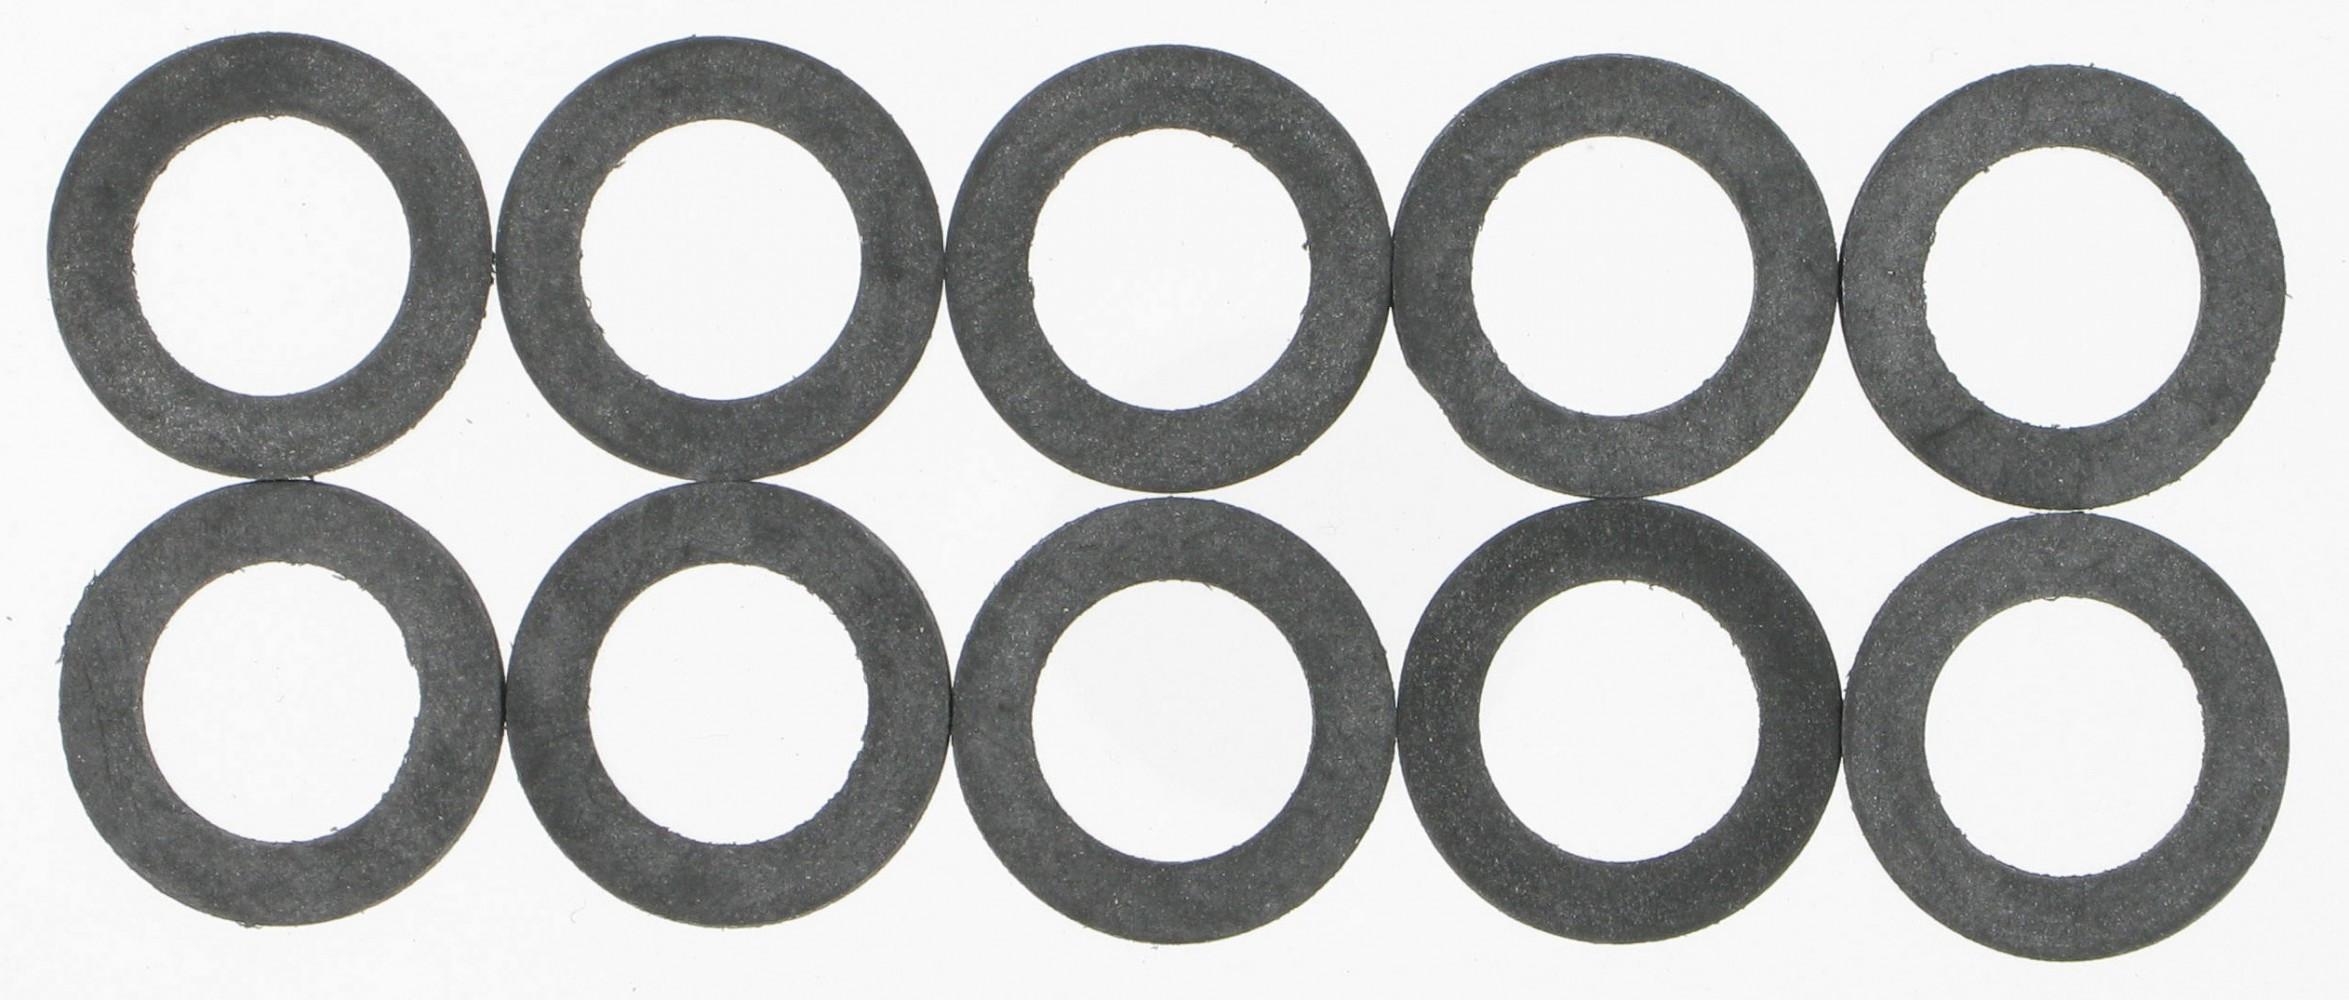 Lot de 10 joints caoutchouc, 17/23 mm COMAP